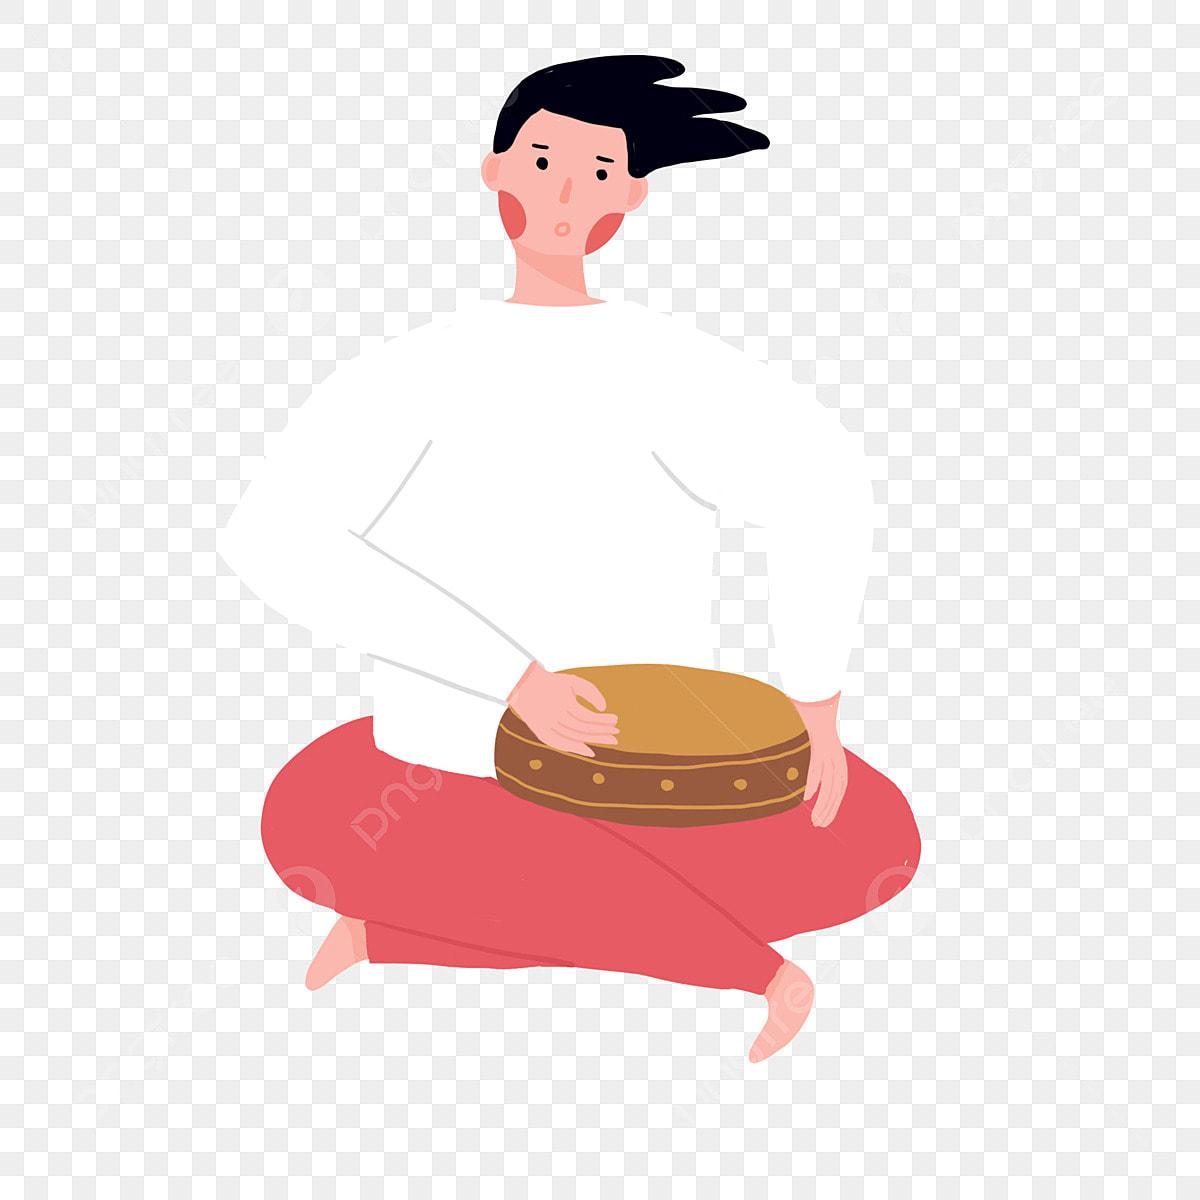 le gar u00e7on de jouer de la batterie tambour gar u00e7on joyeux